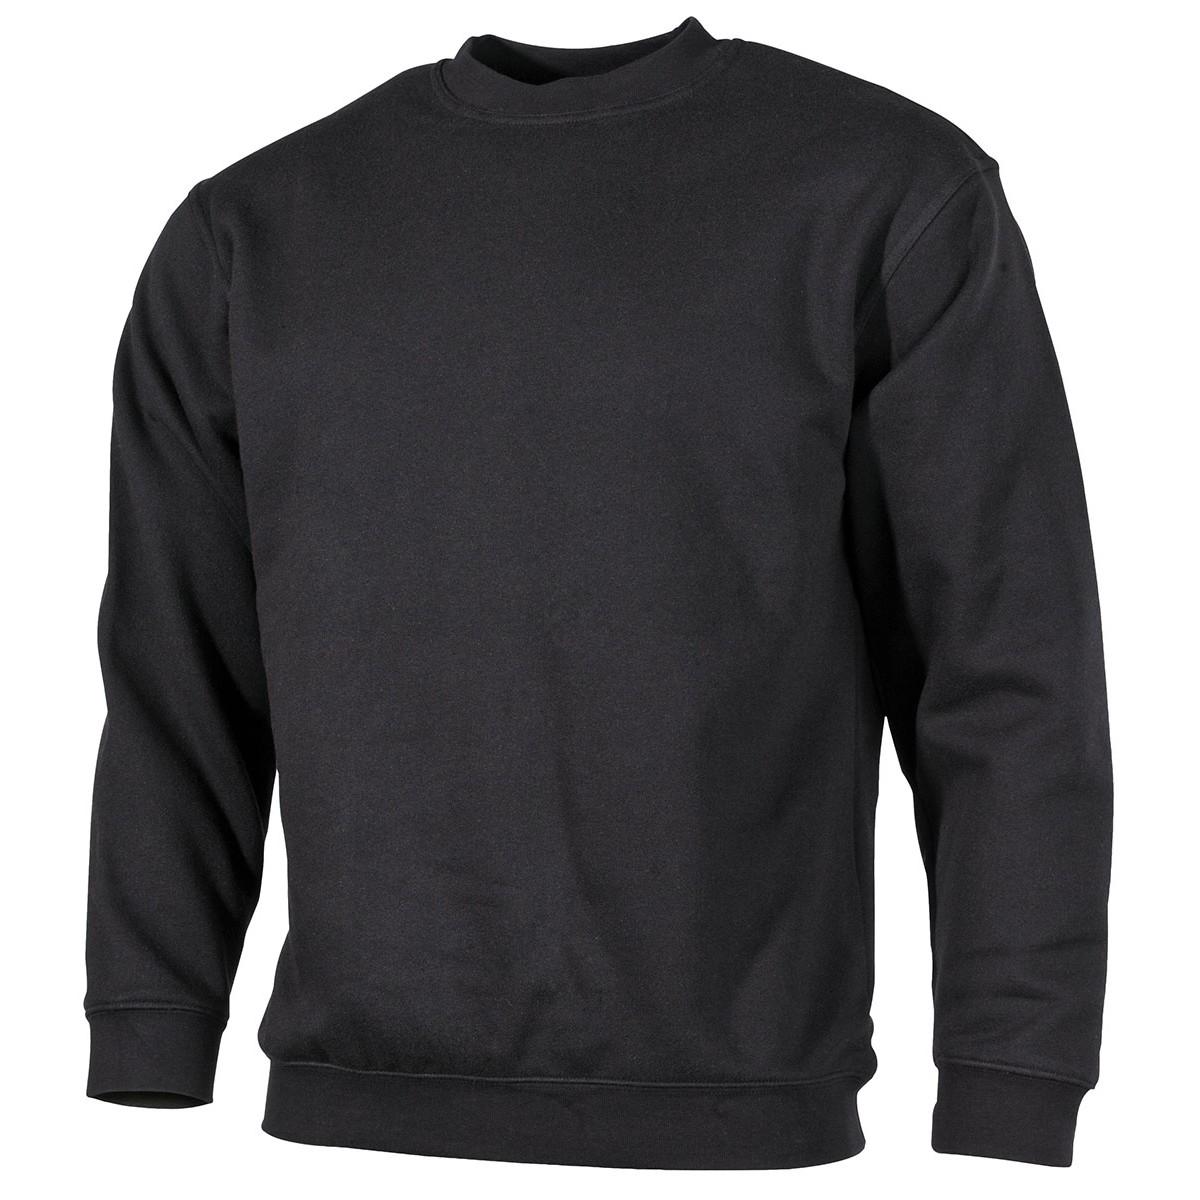 Mikina Pro Company - černá